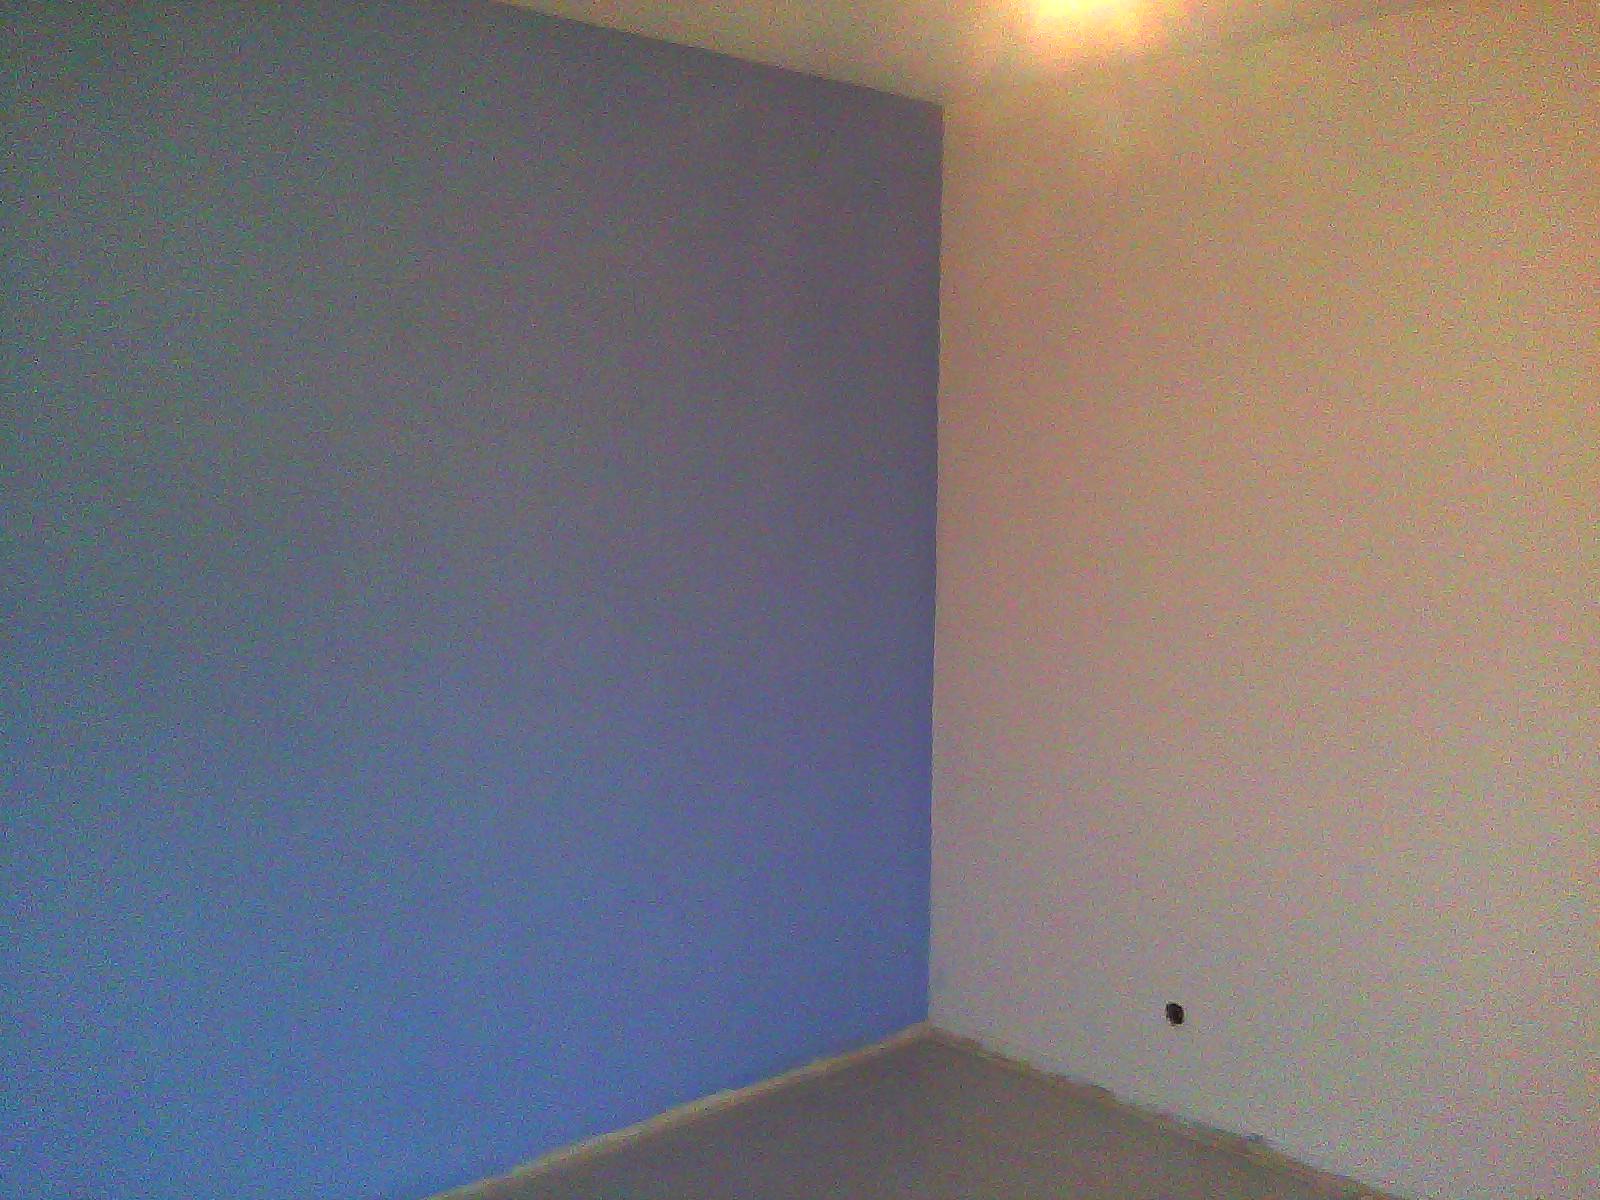 lehmputz streichen was ist zu beachten. Black Bedroom Furniture Sets. Home Design Ideas